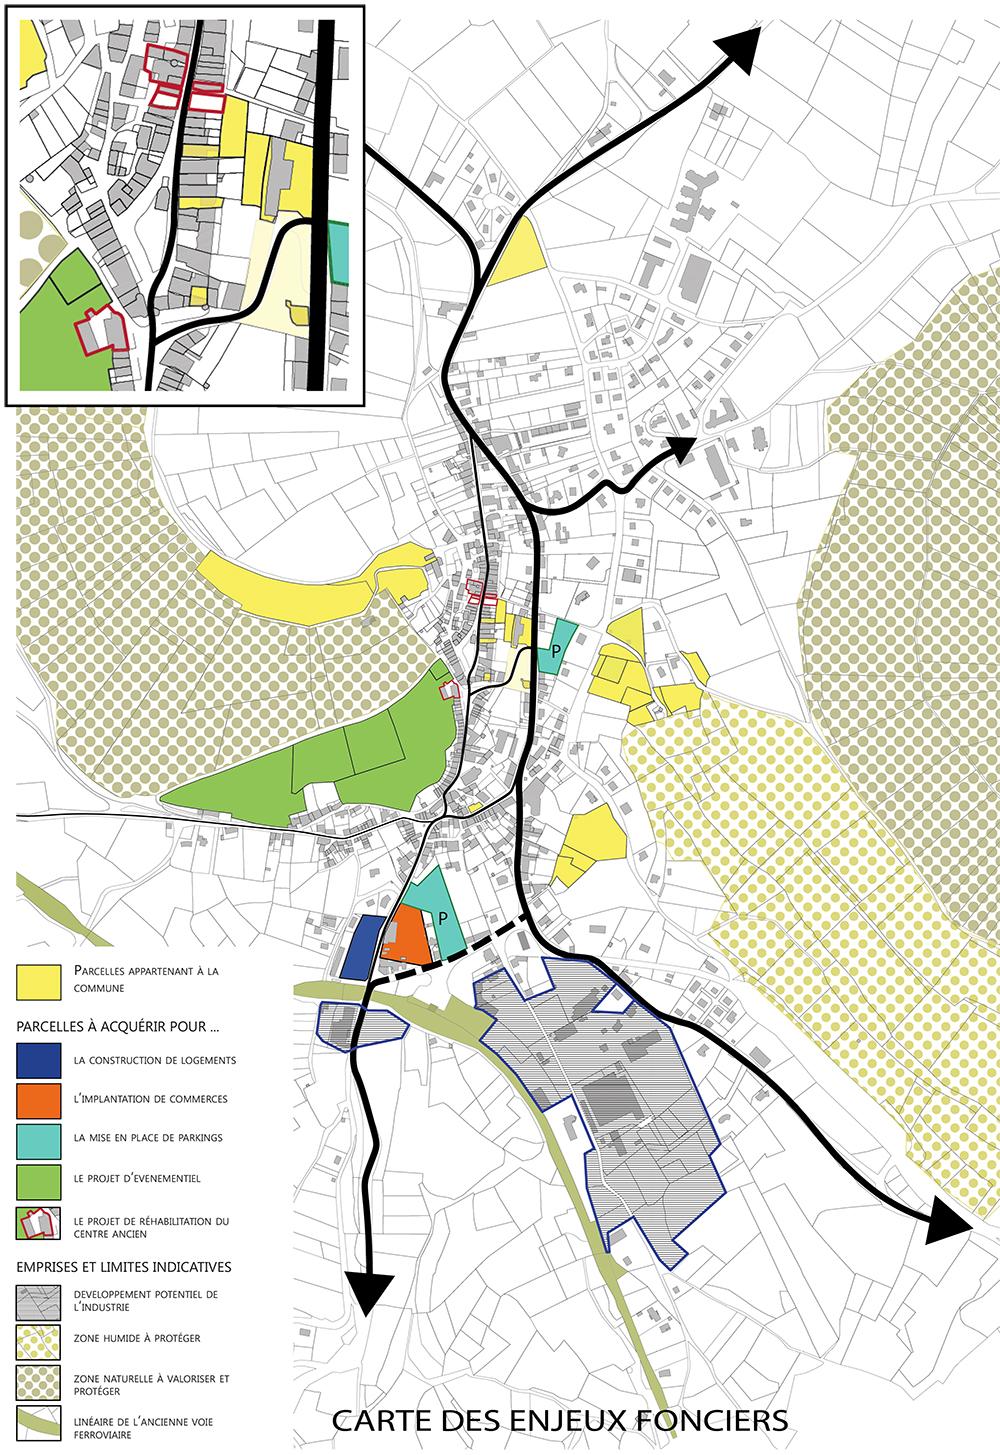 projet revitalisation centre bourg Allègre paysagiste Clermont-Ferrand 4